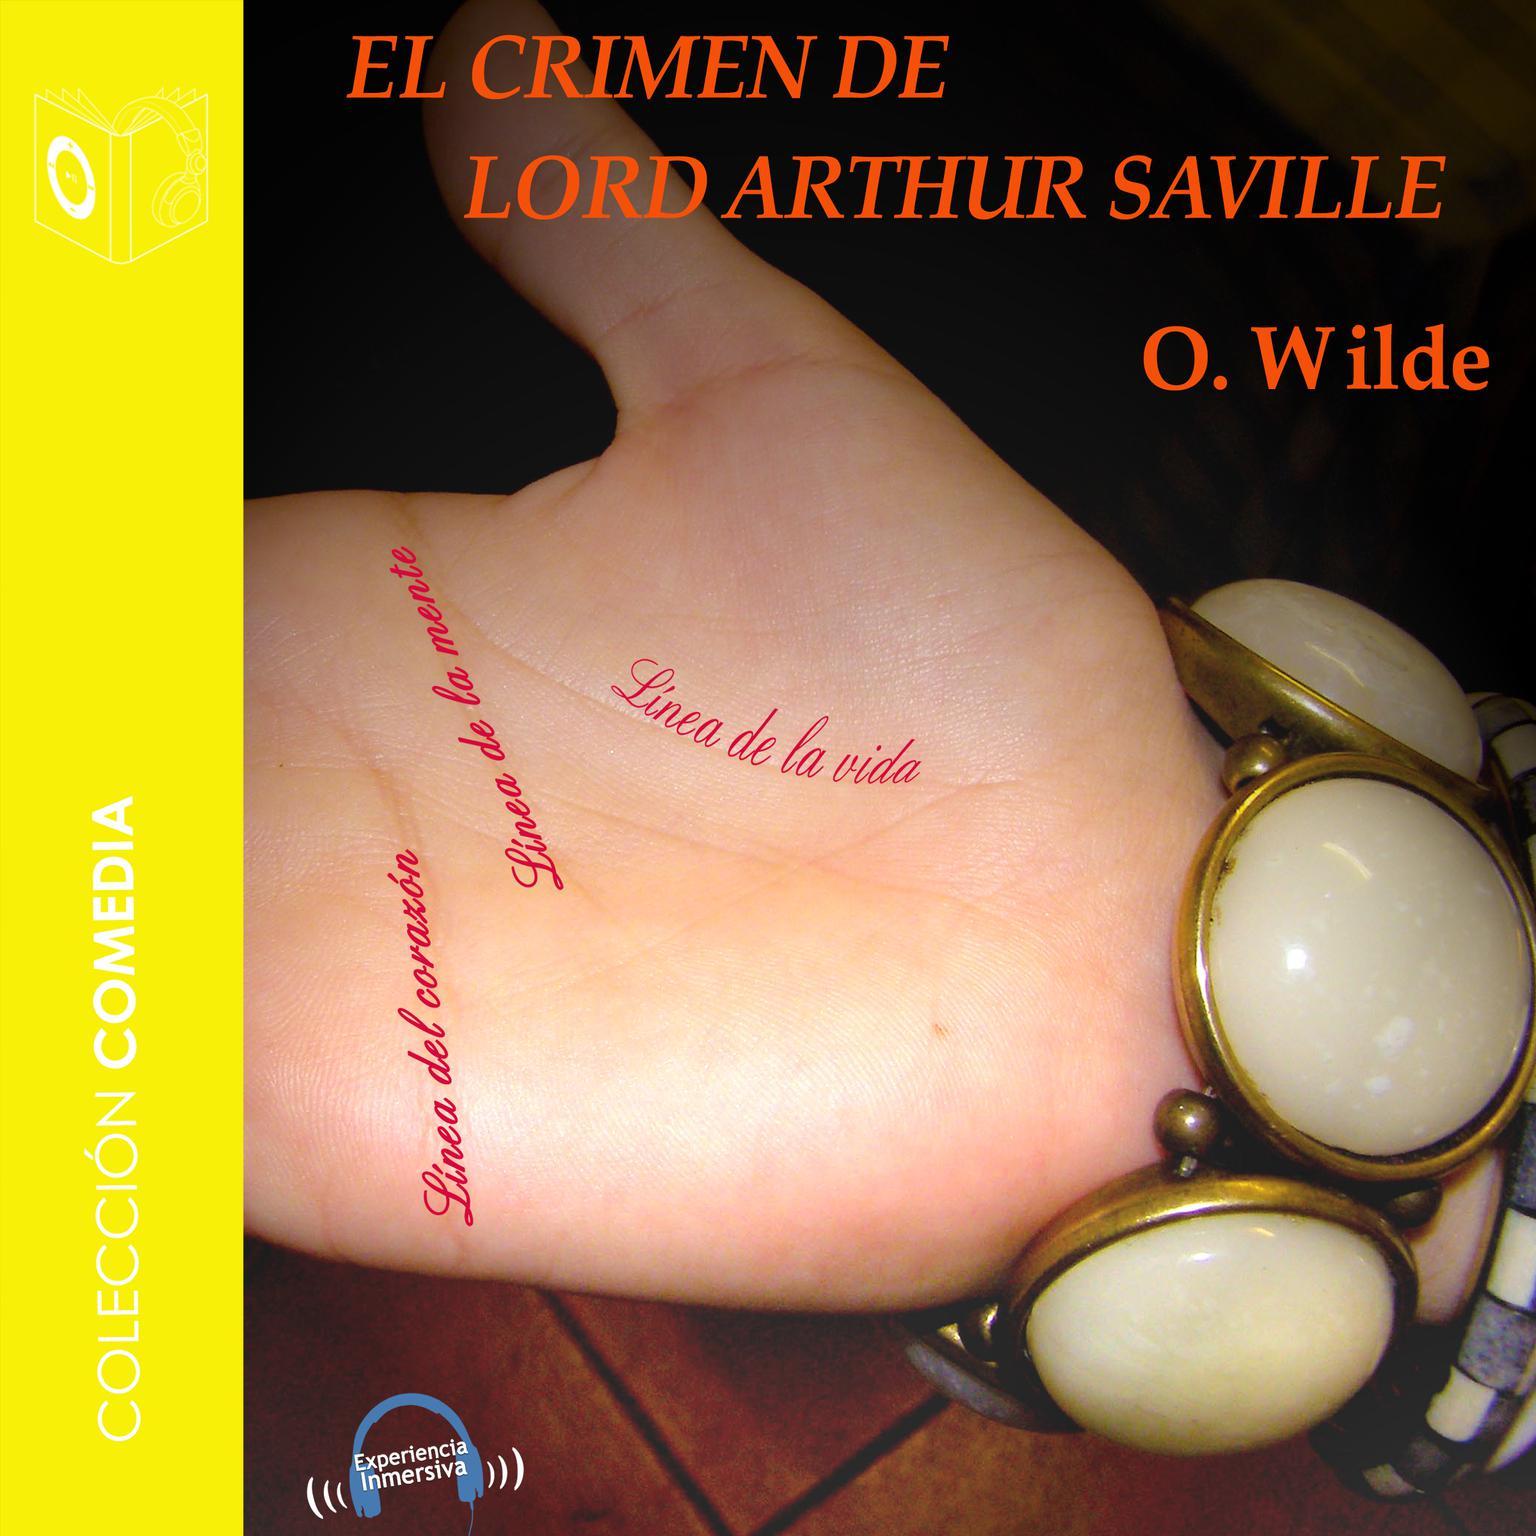 El crimen de Lord Arthur Saville Audiobook, by Oscar Wilde